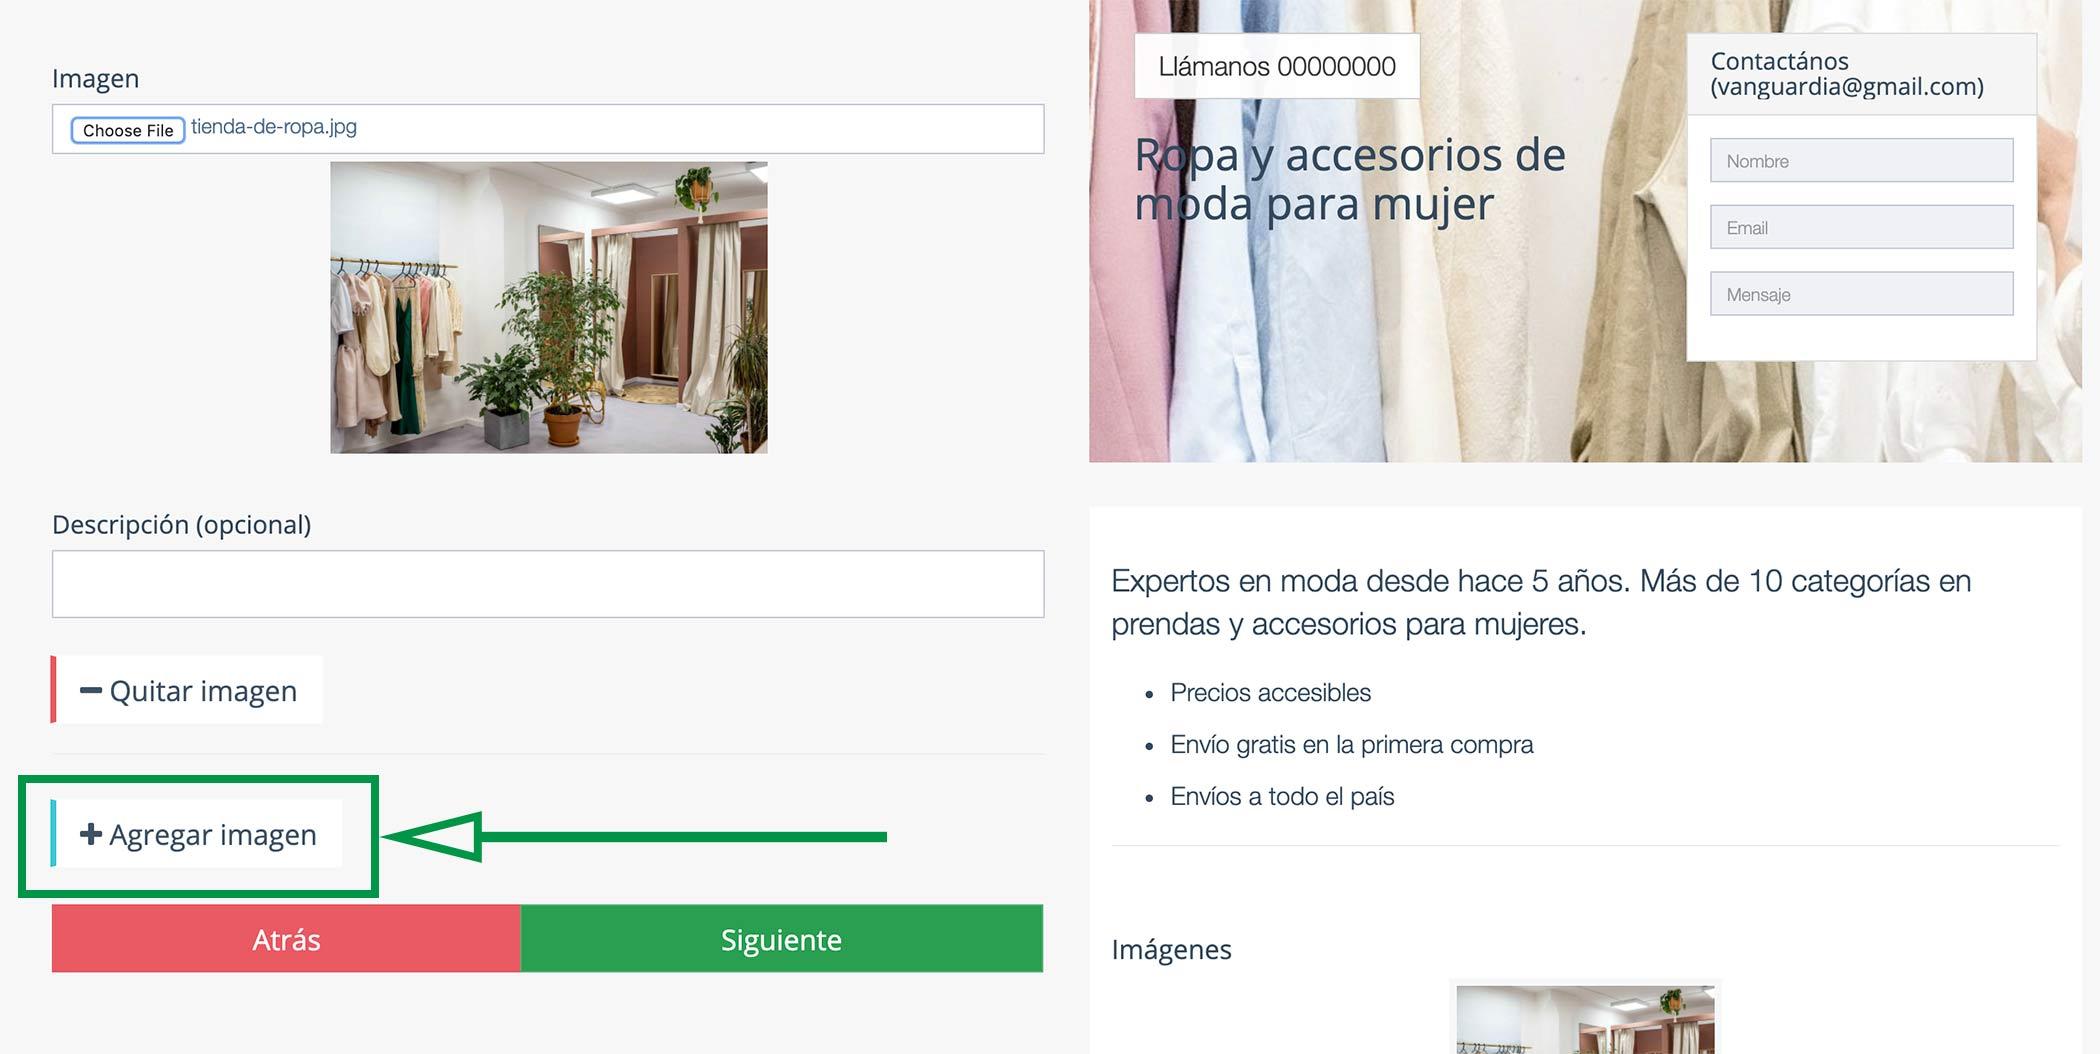 Crear Página Web para vender ropa. Imágenes de negocio